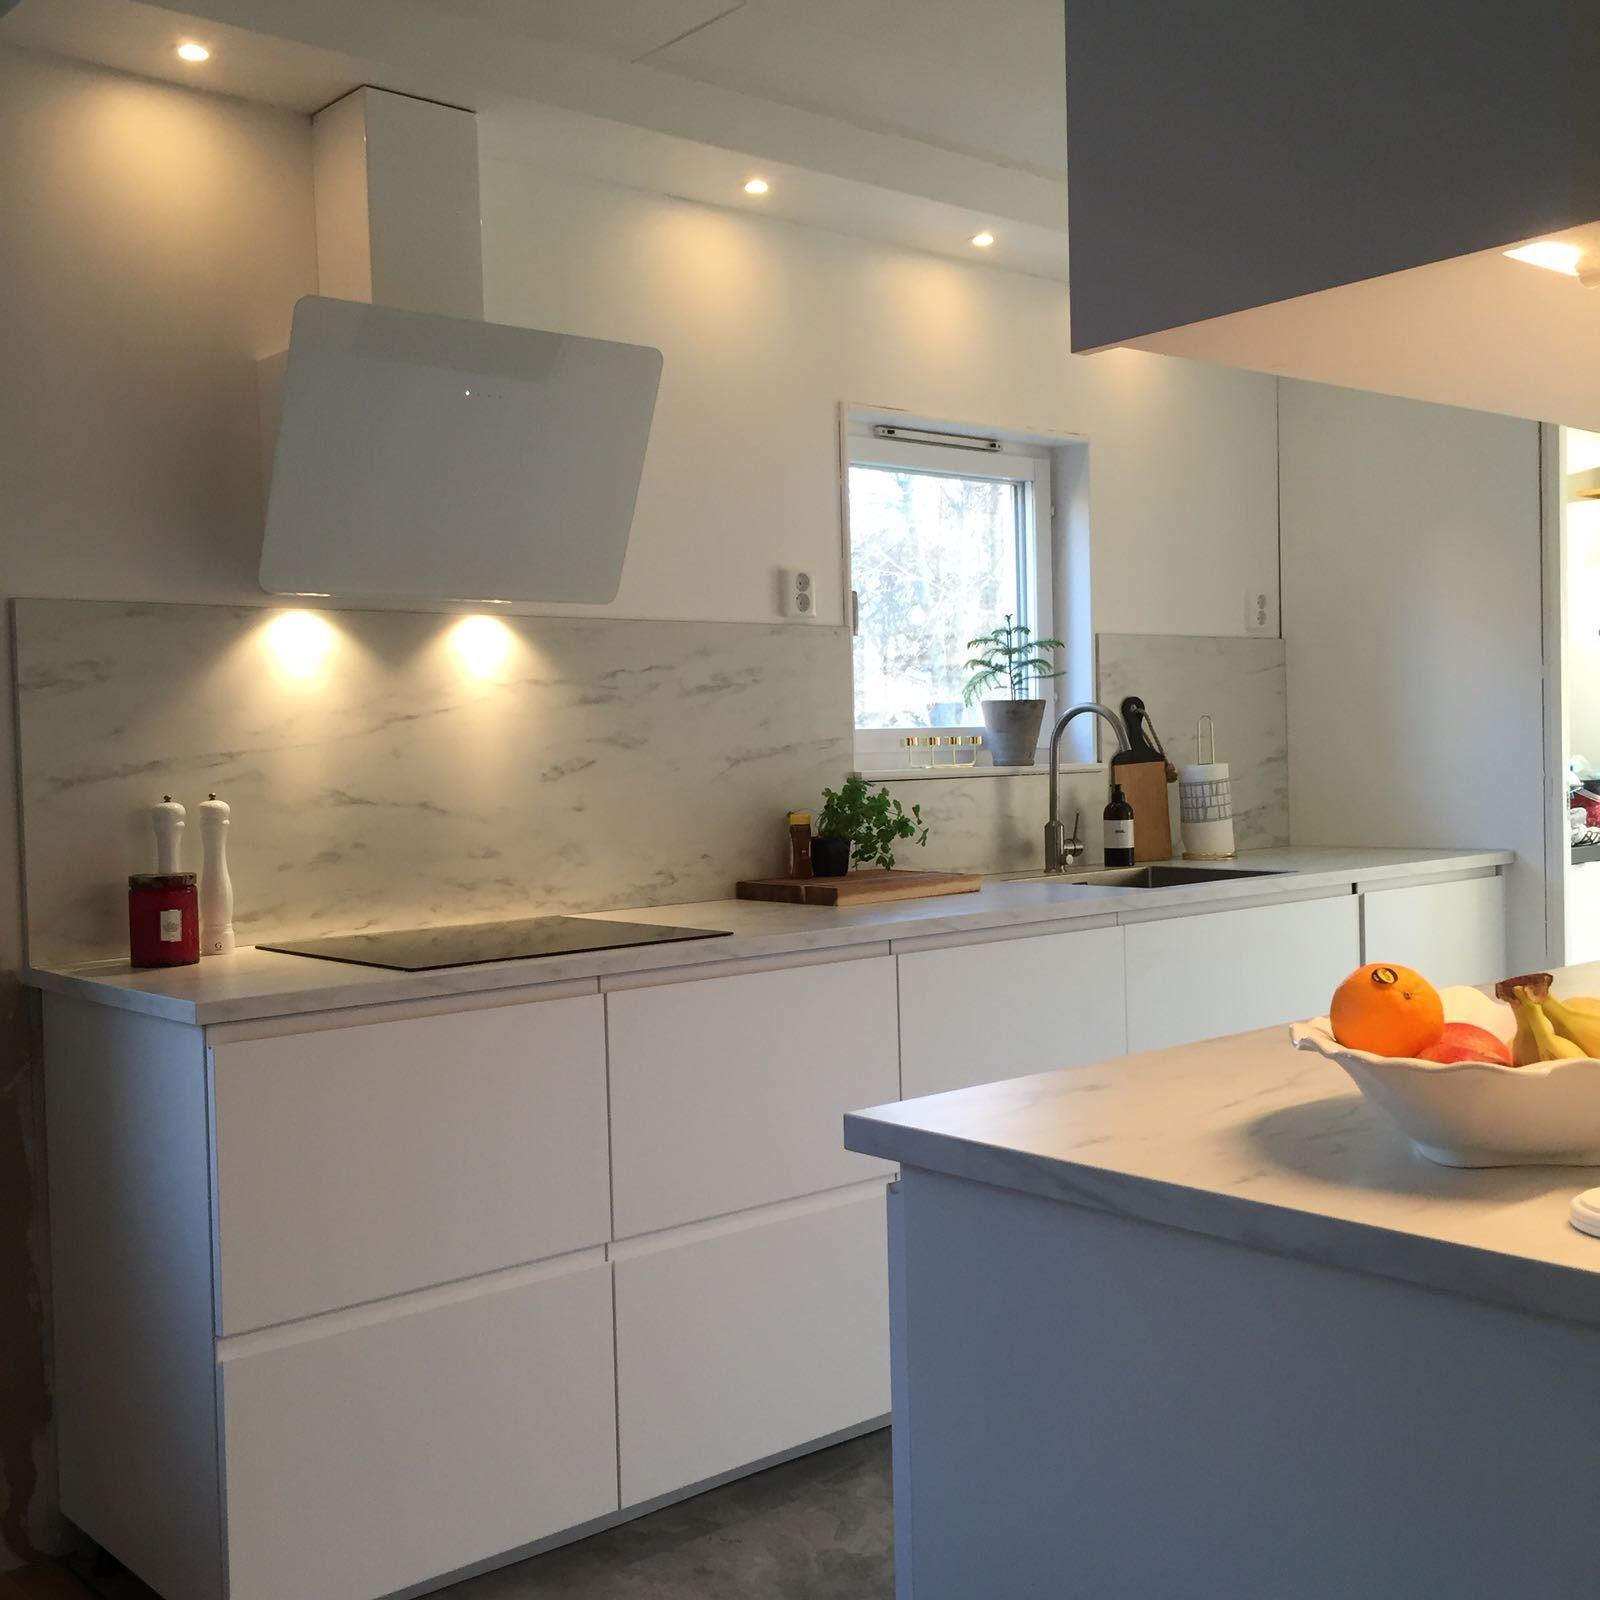 Voxtorp ikea kitchen ikea kitchen ikea och home kitchens - Cucina voxtorp ikea ...